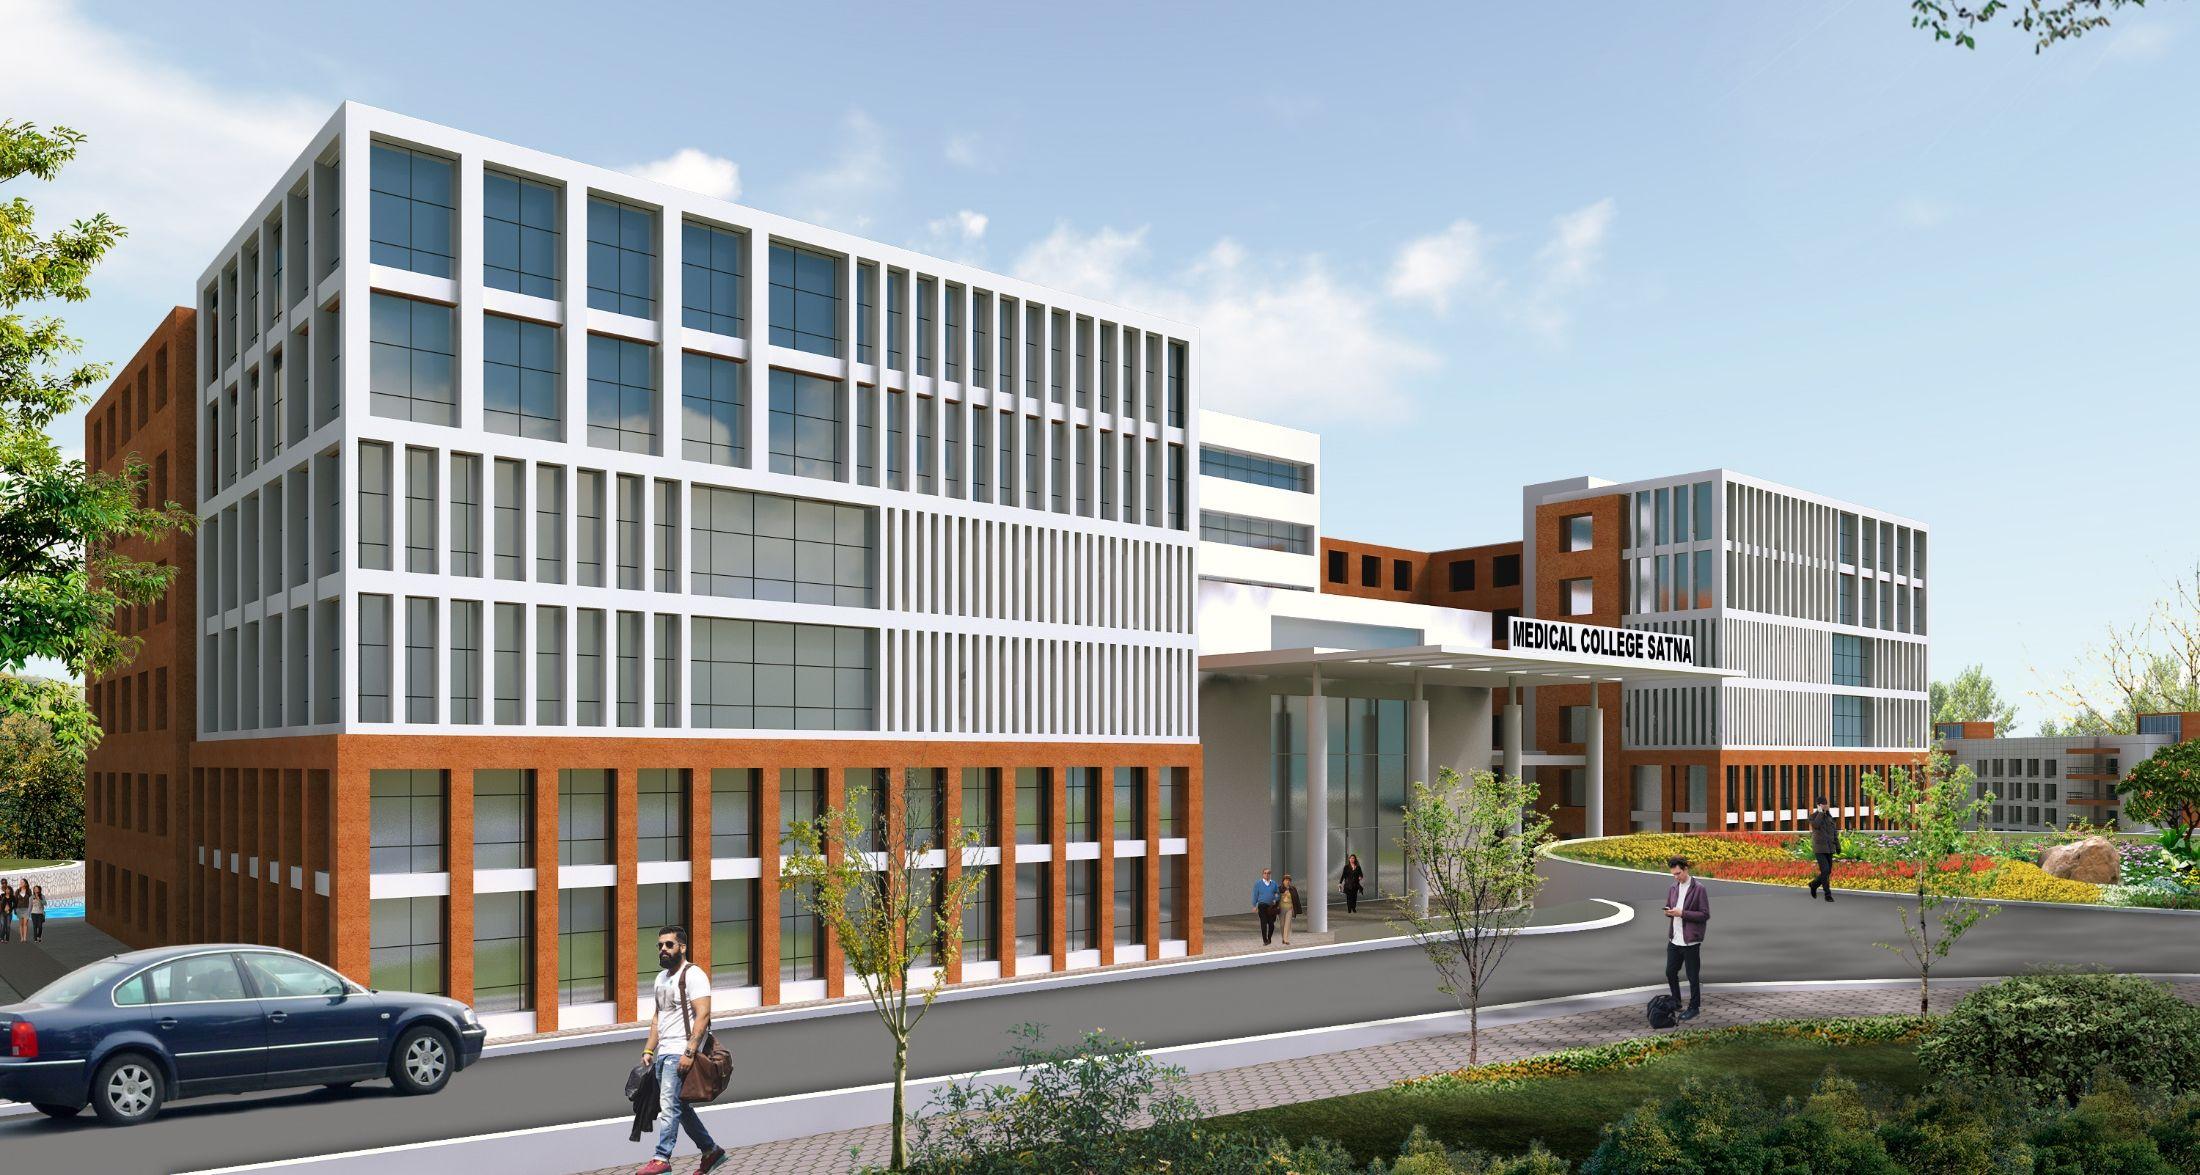 ऐसा दिखेगा सतना का मेडिकल कॉलेज, पहली बार दिखा डिजाइन